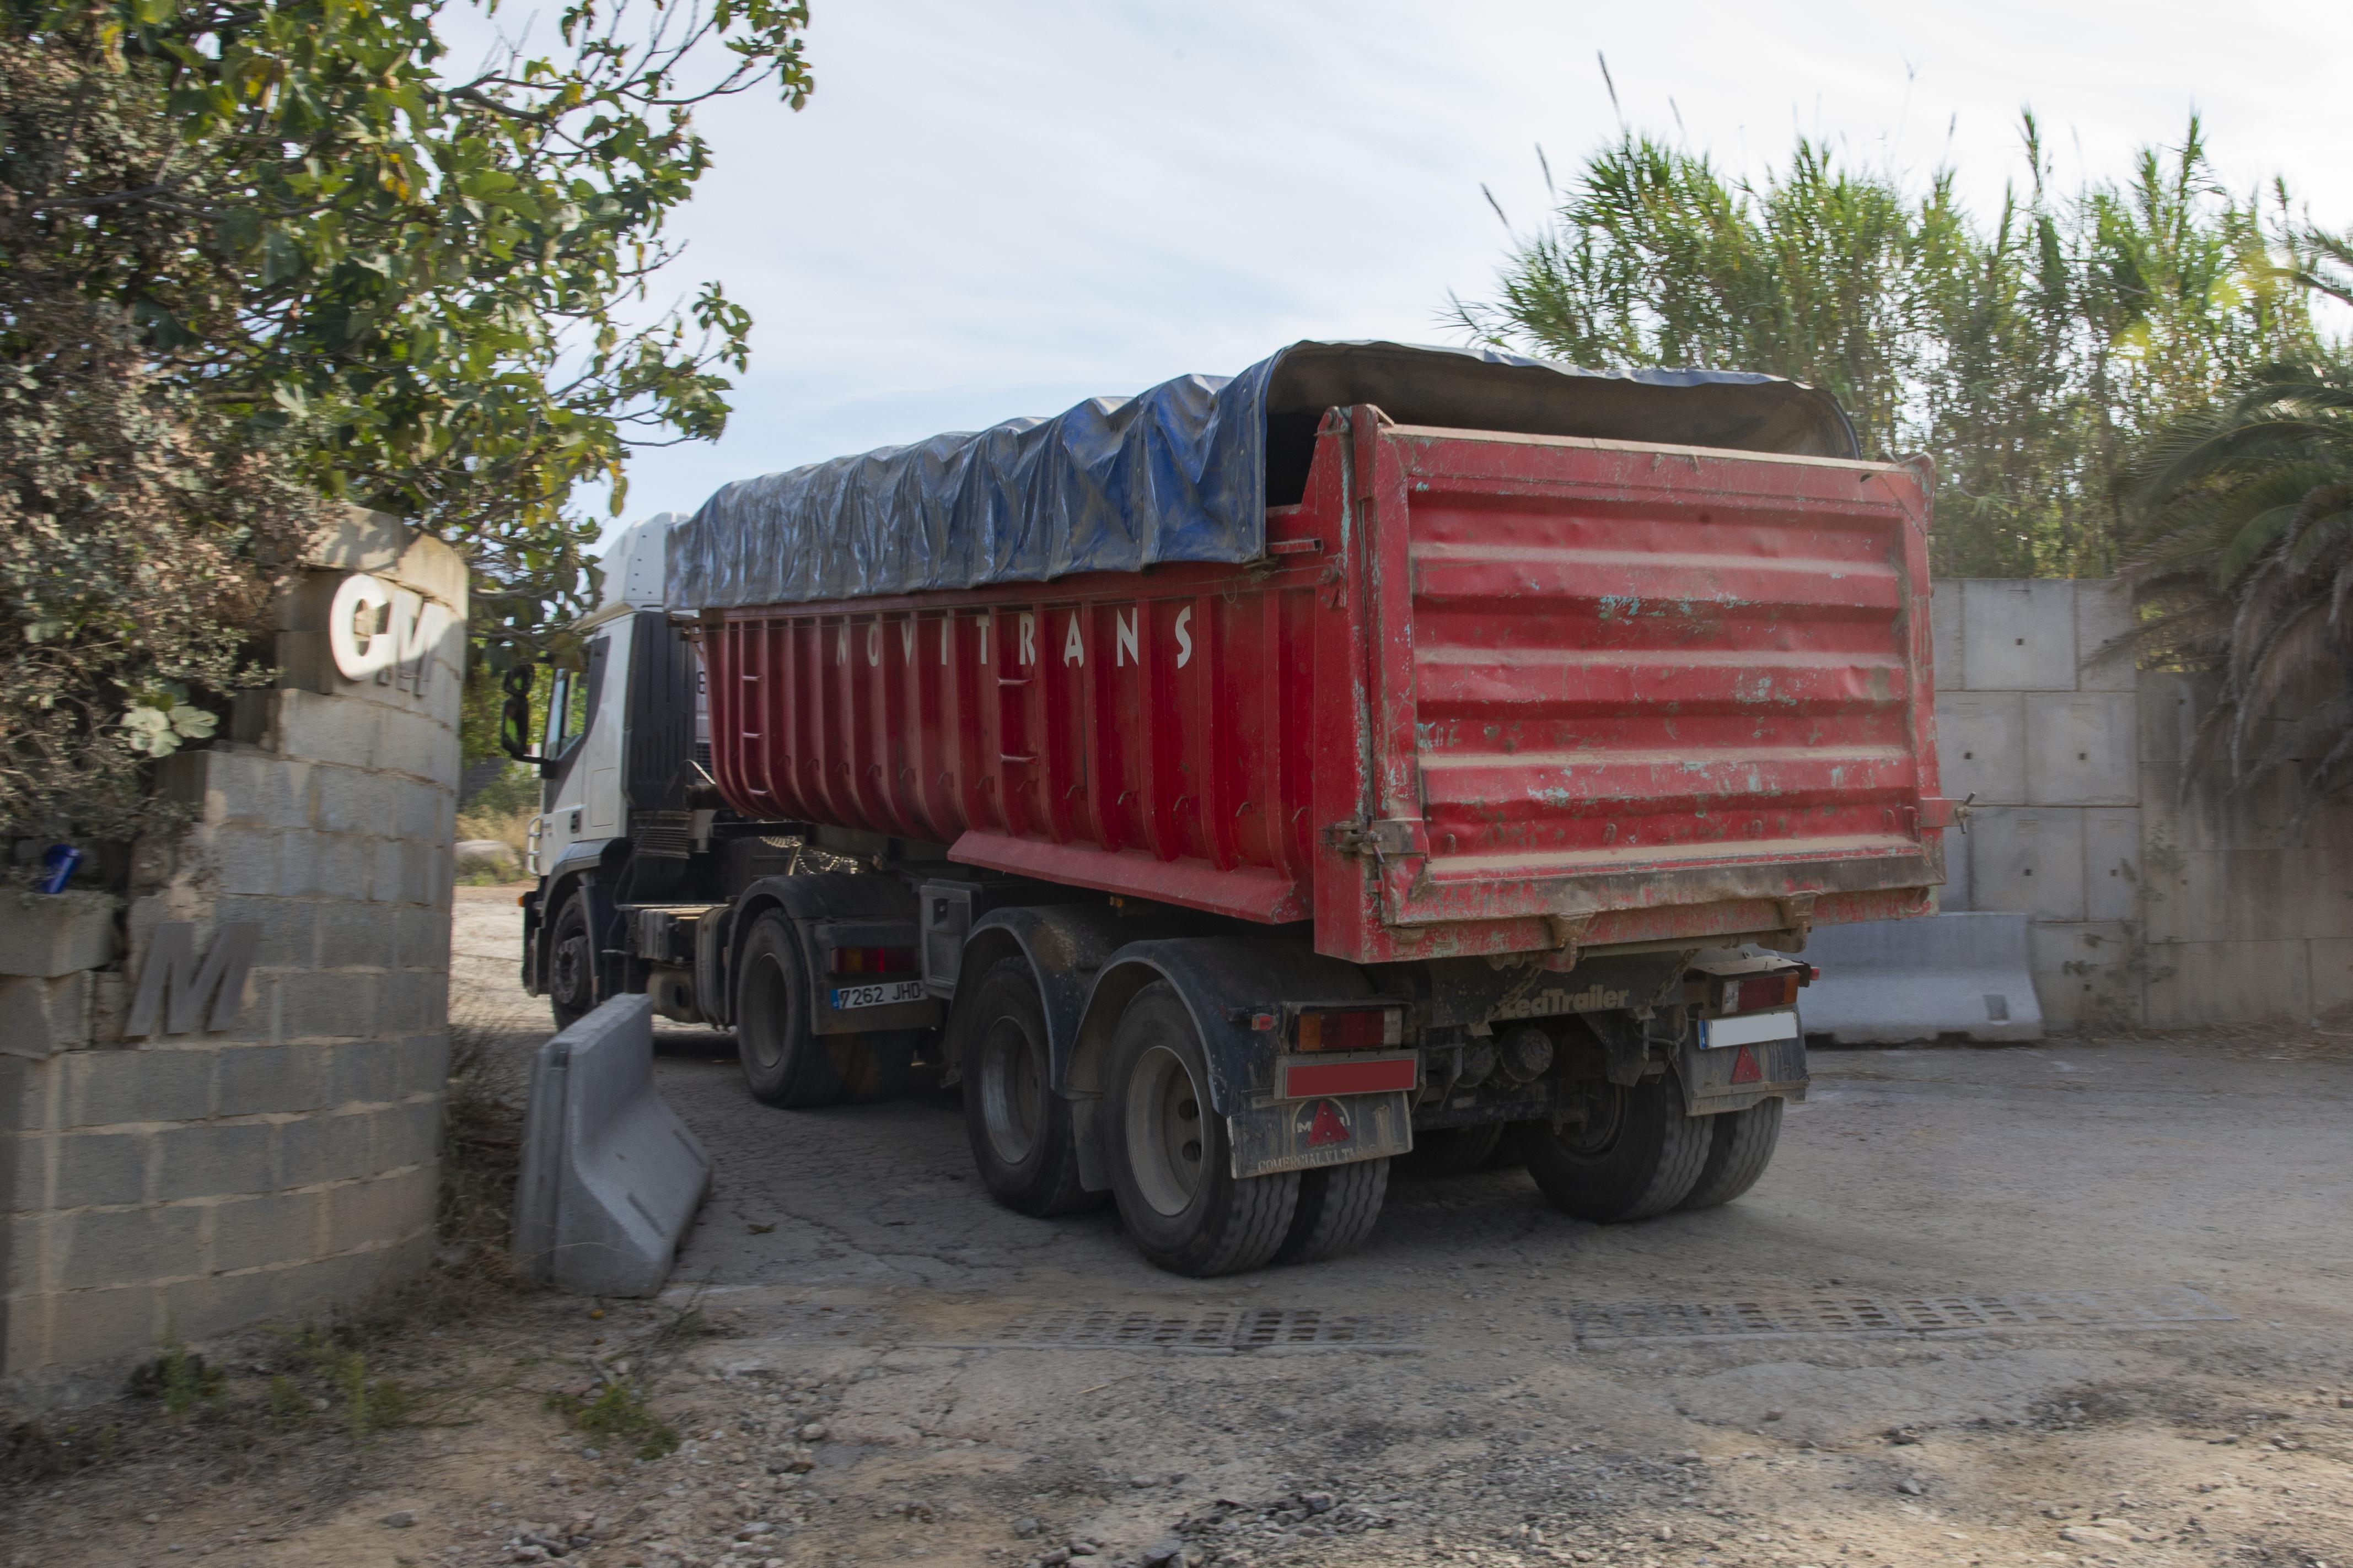 Els camions han continuat amb la seva feina després de la manifestació